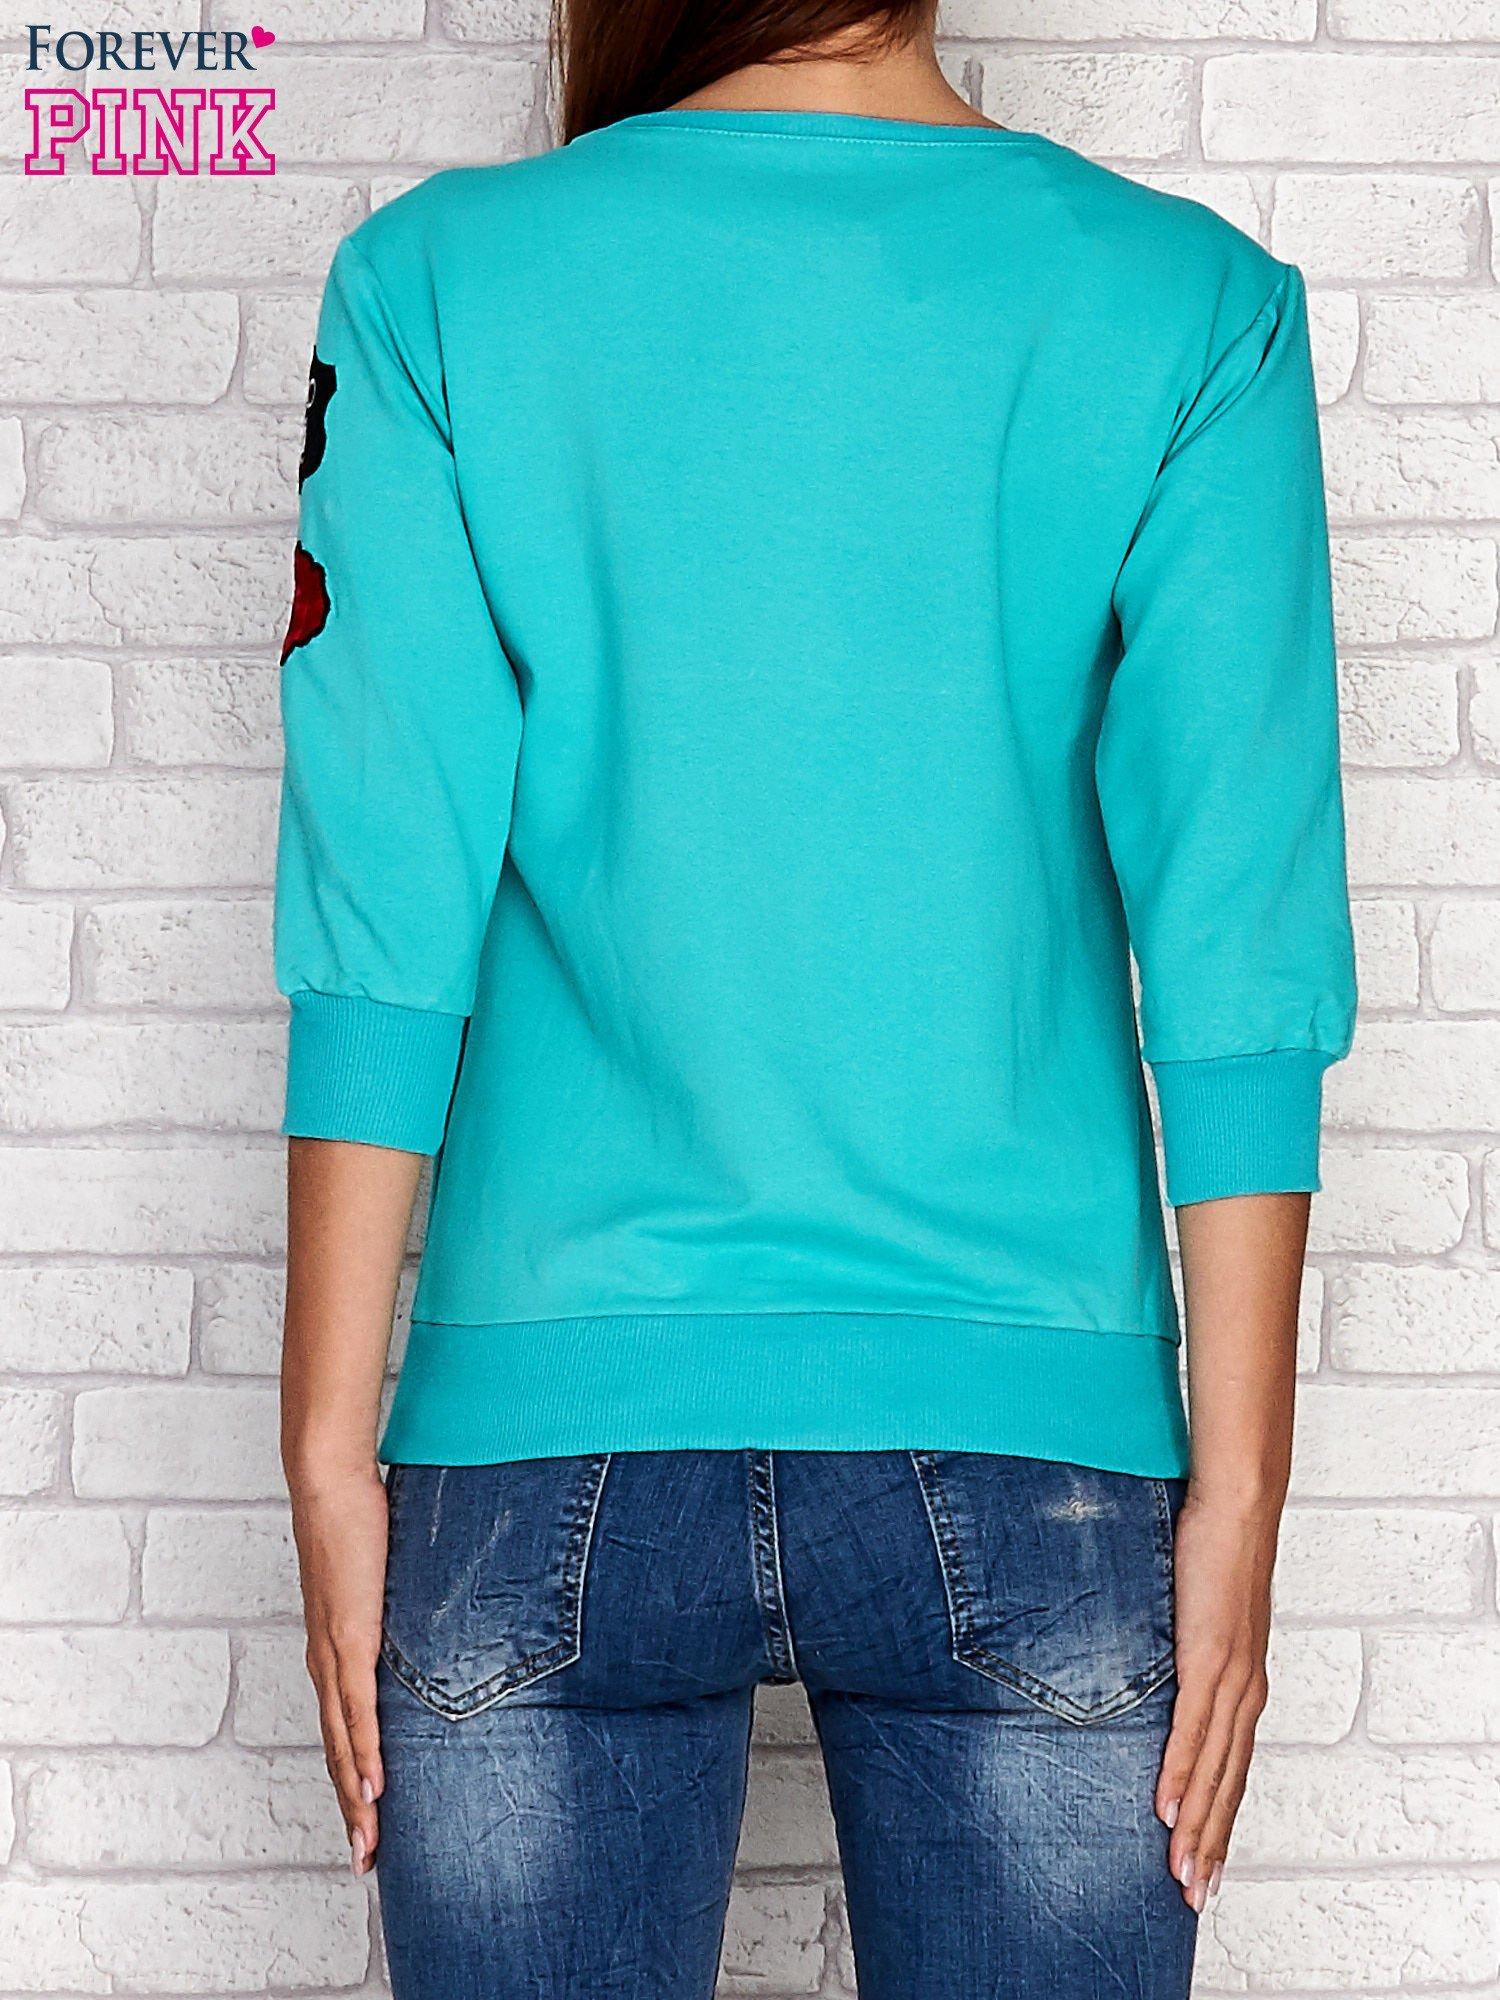 Zielona bluza z naszywkami na rękawie                                  zdj.                                  4